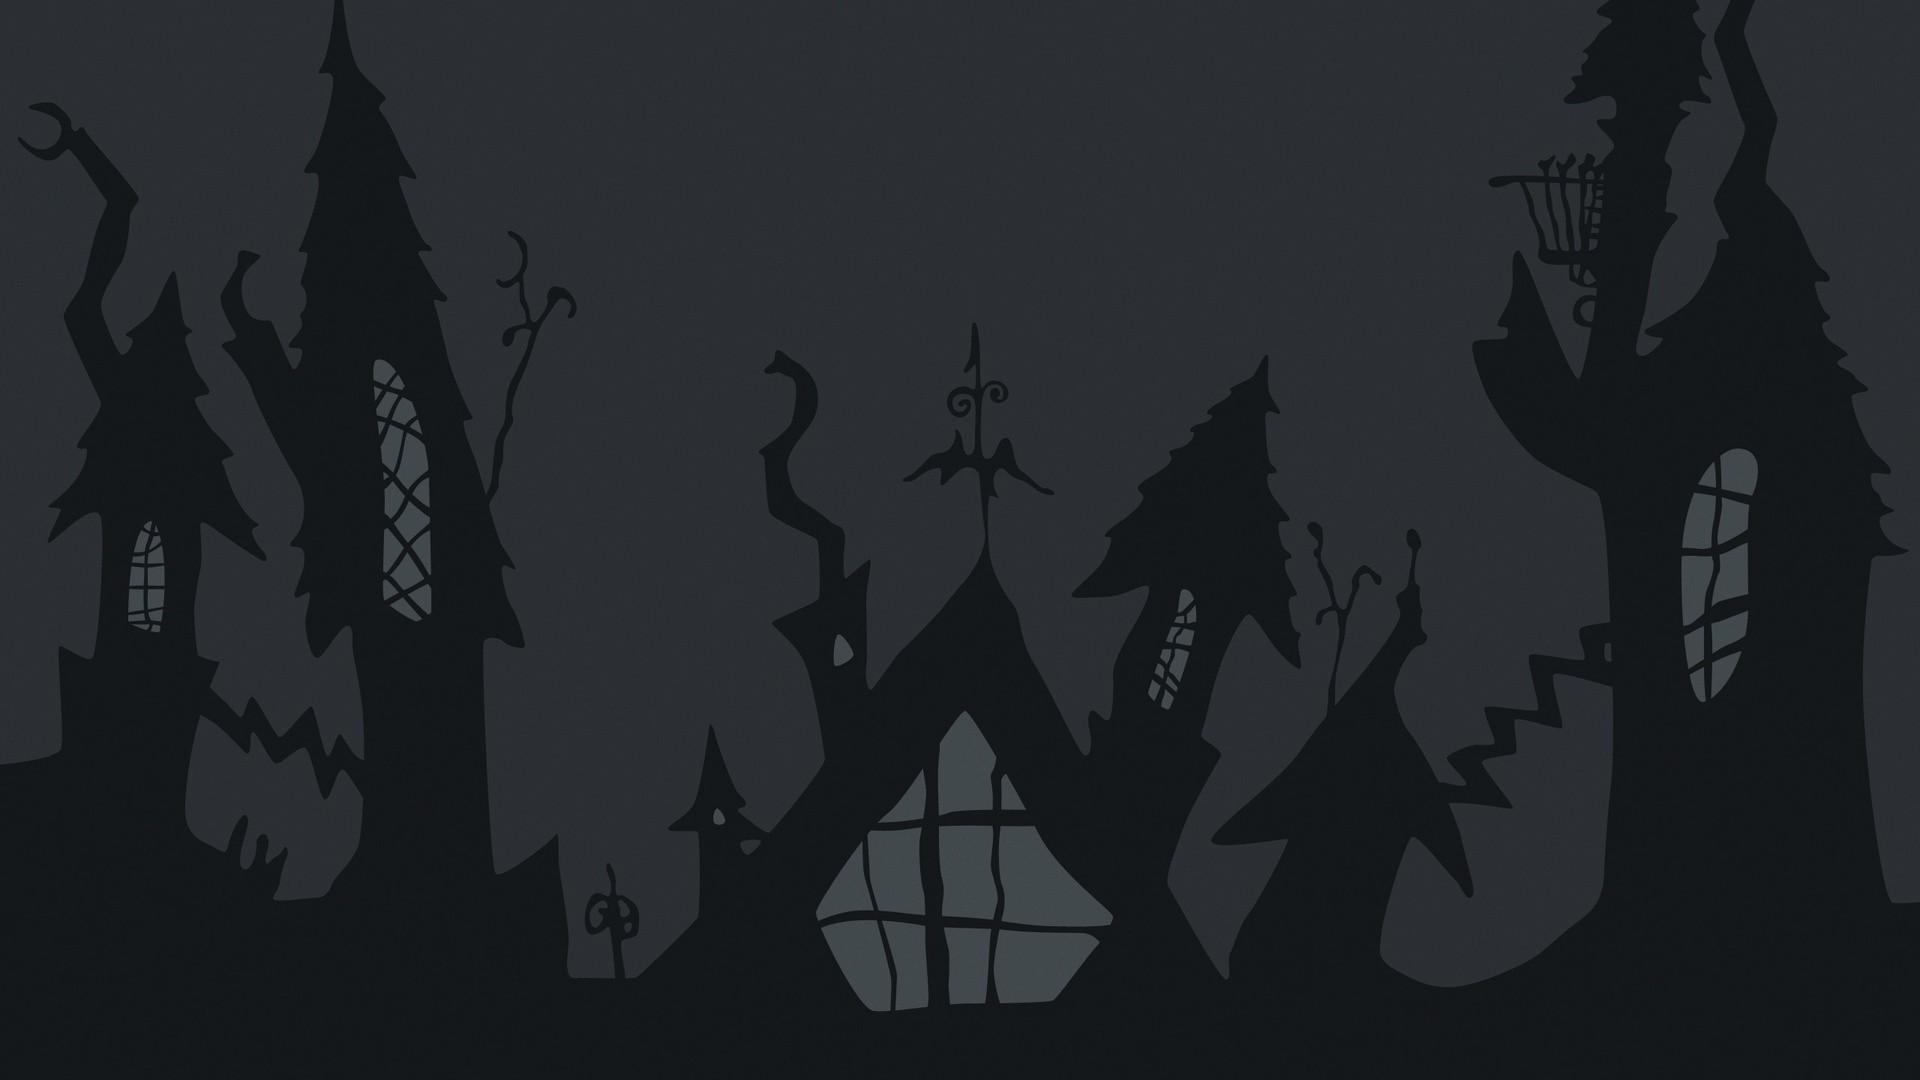 Spooky Vector Desktop Wallpaper